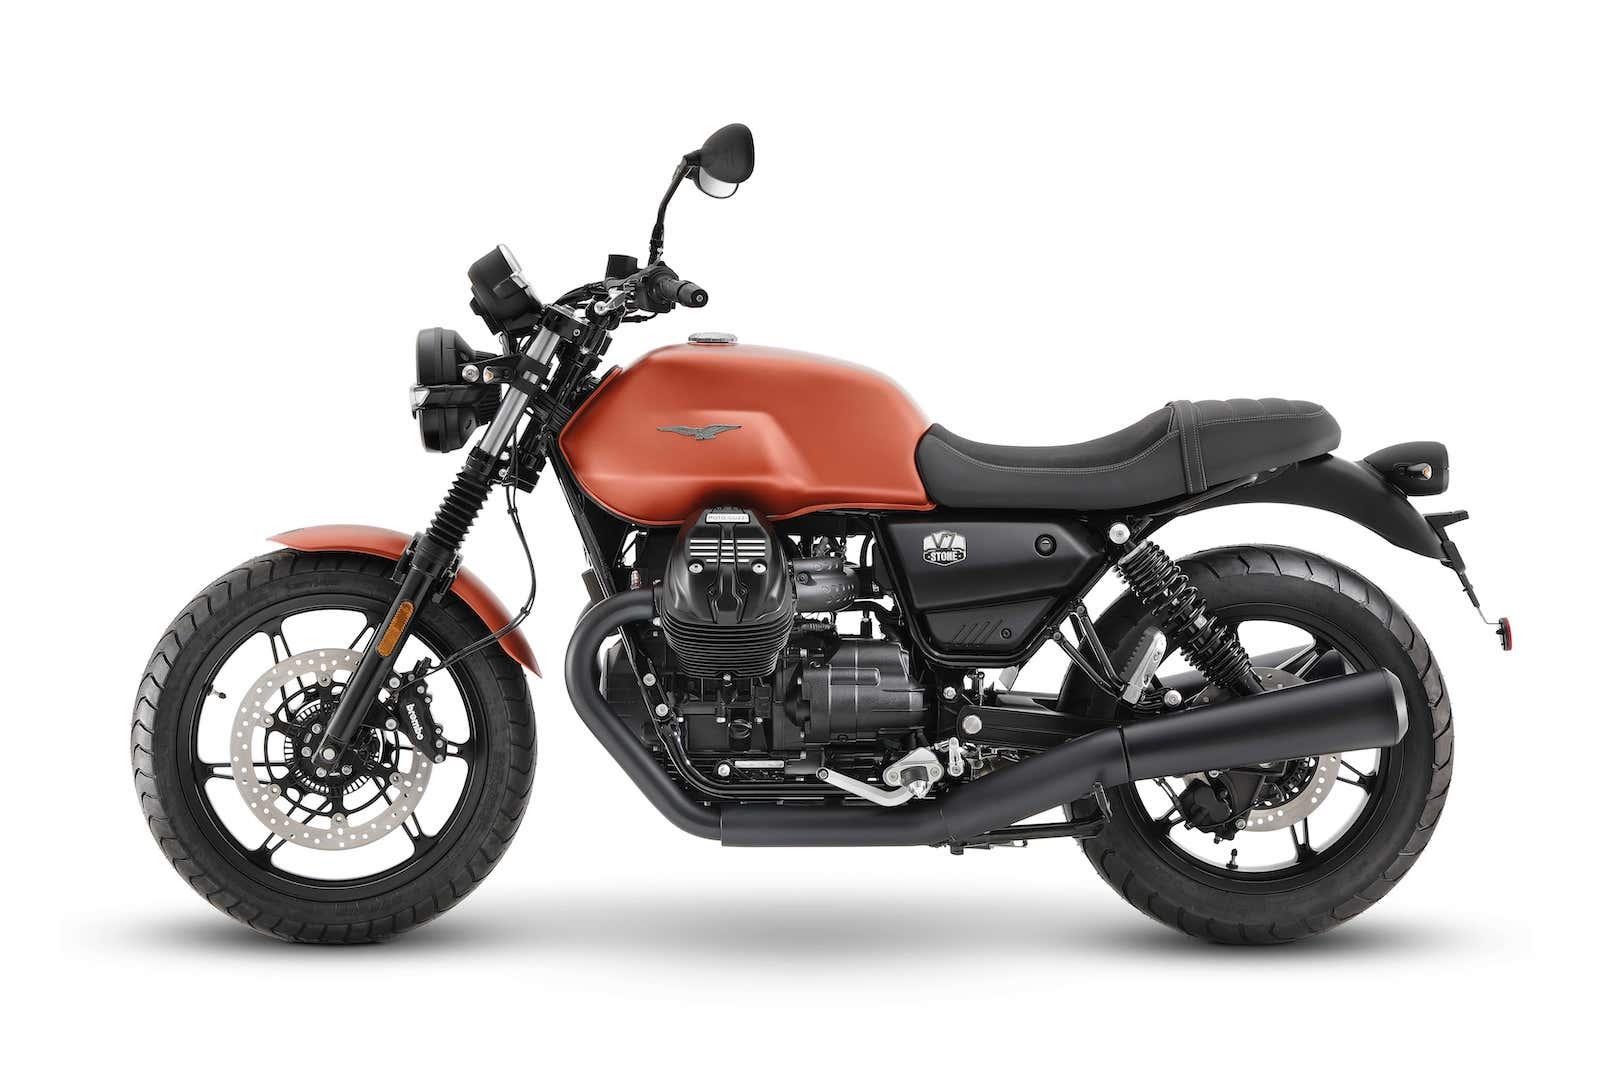 Moto Guzzi V7 Stone 5 min